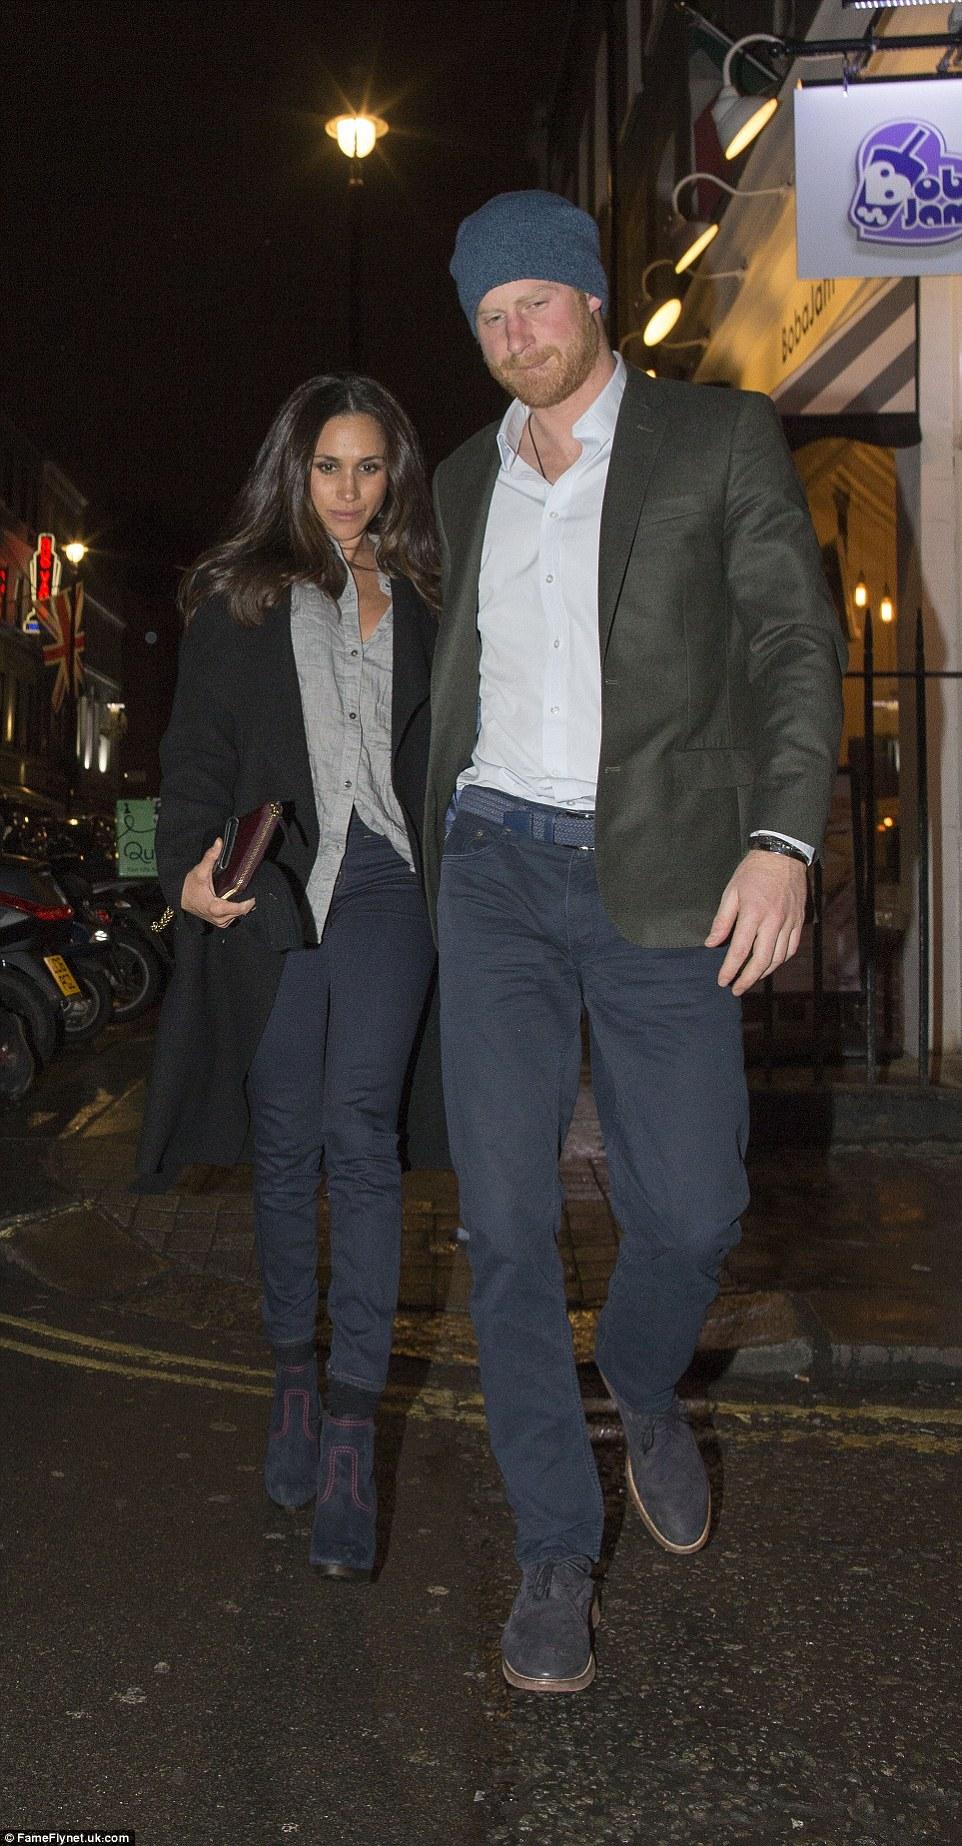 Принц Гарри обручился с американской актрисой Меган Маркл из сериала «Форс-мажоры» (12 фото)